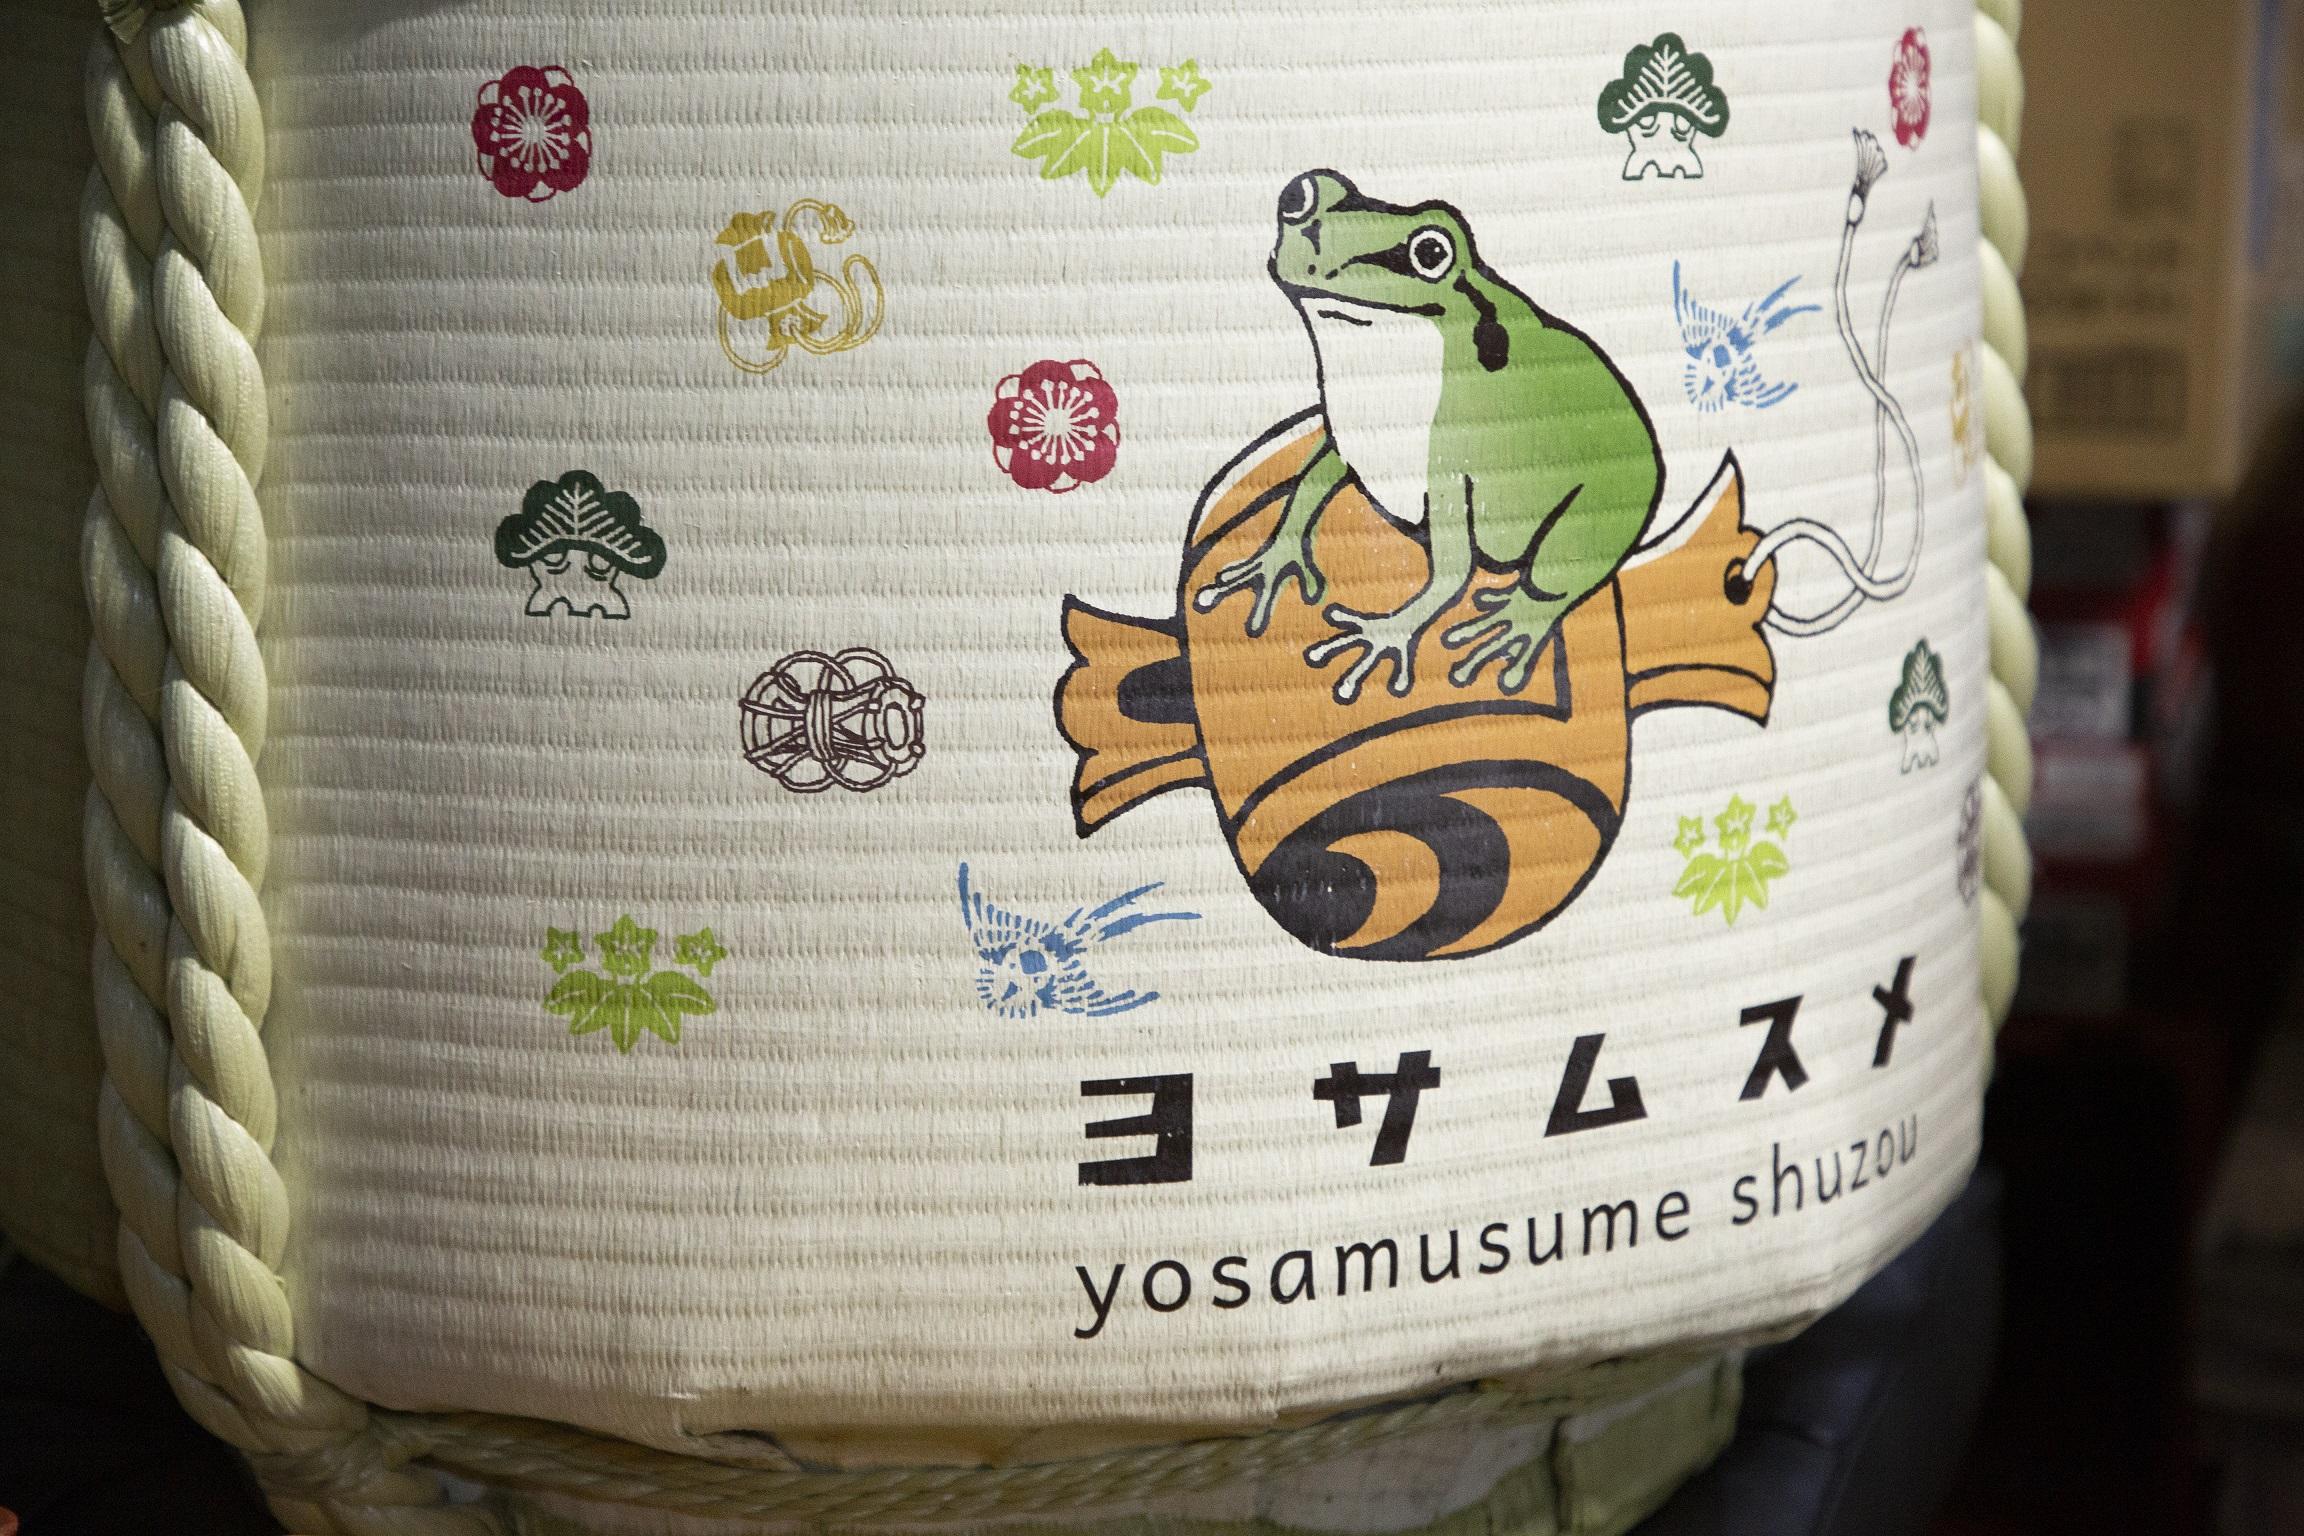 Yosamusume Sake Brewery 3